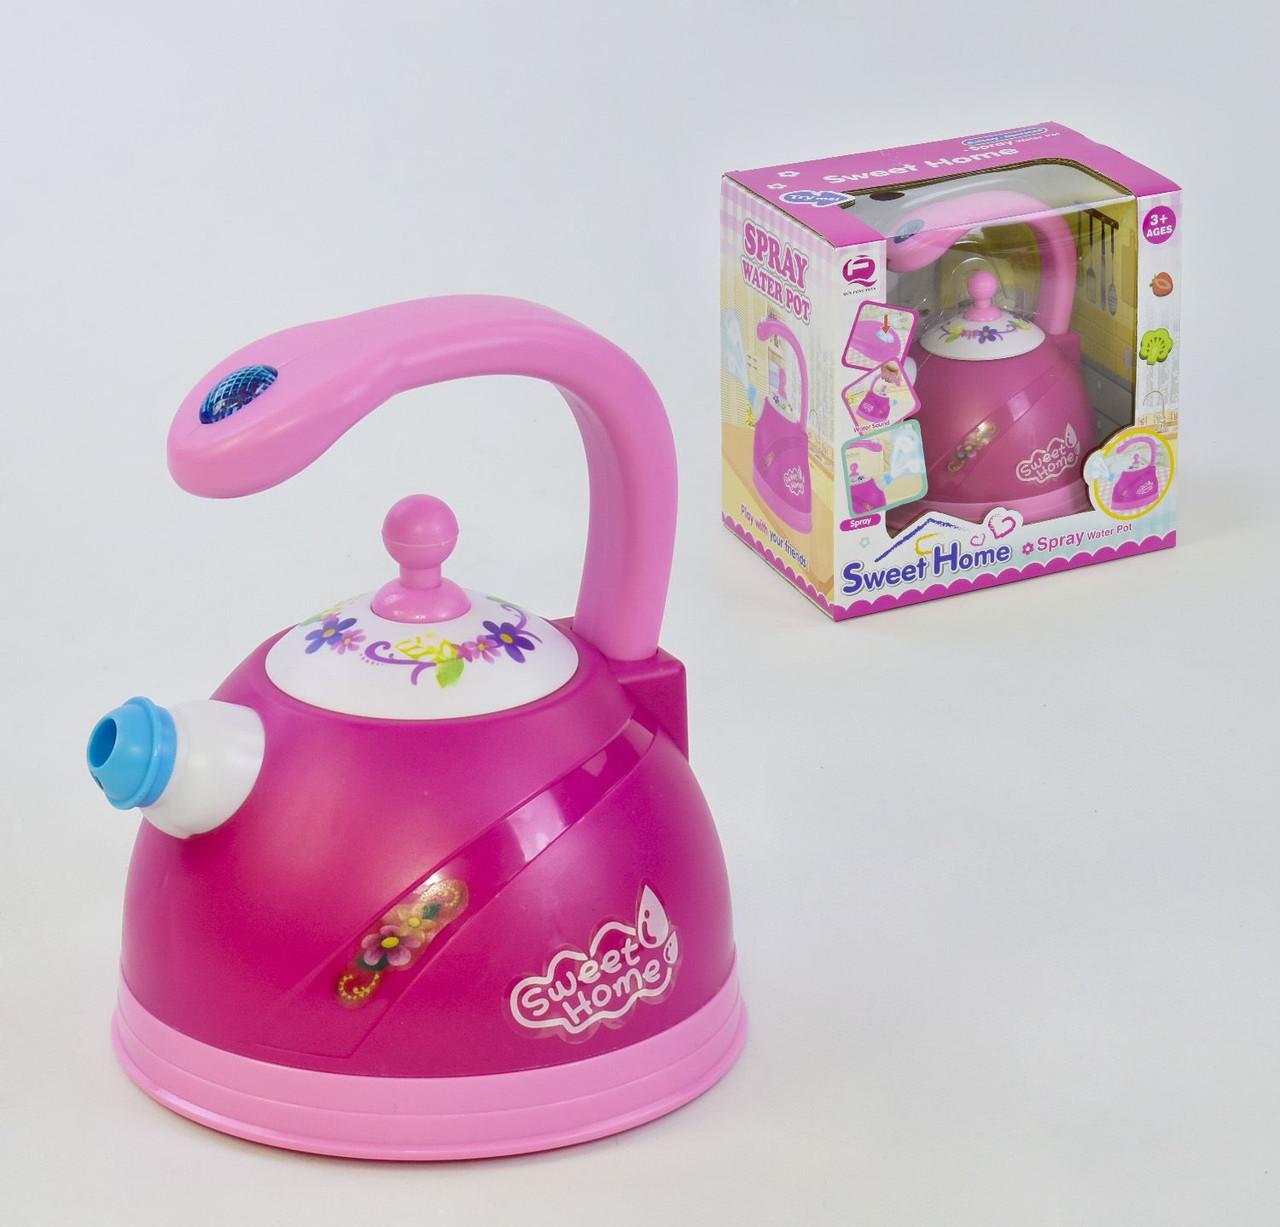 Чайник игровой проигрывает реалистичные звуки, выпускает пар, с подсветкой Детский чайник